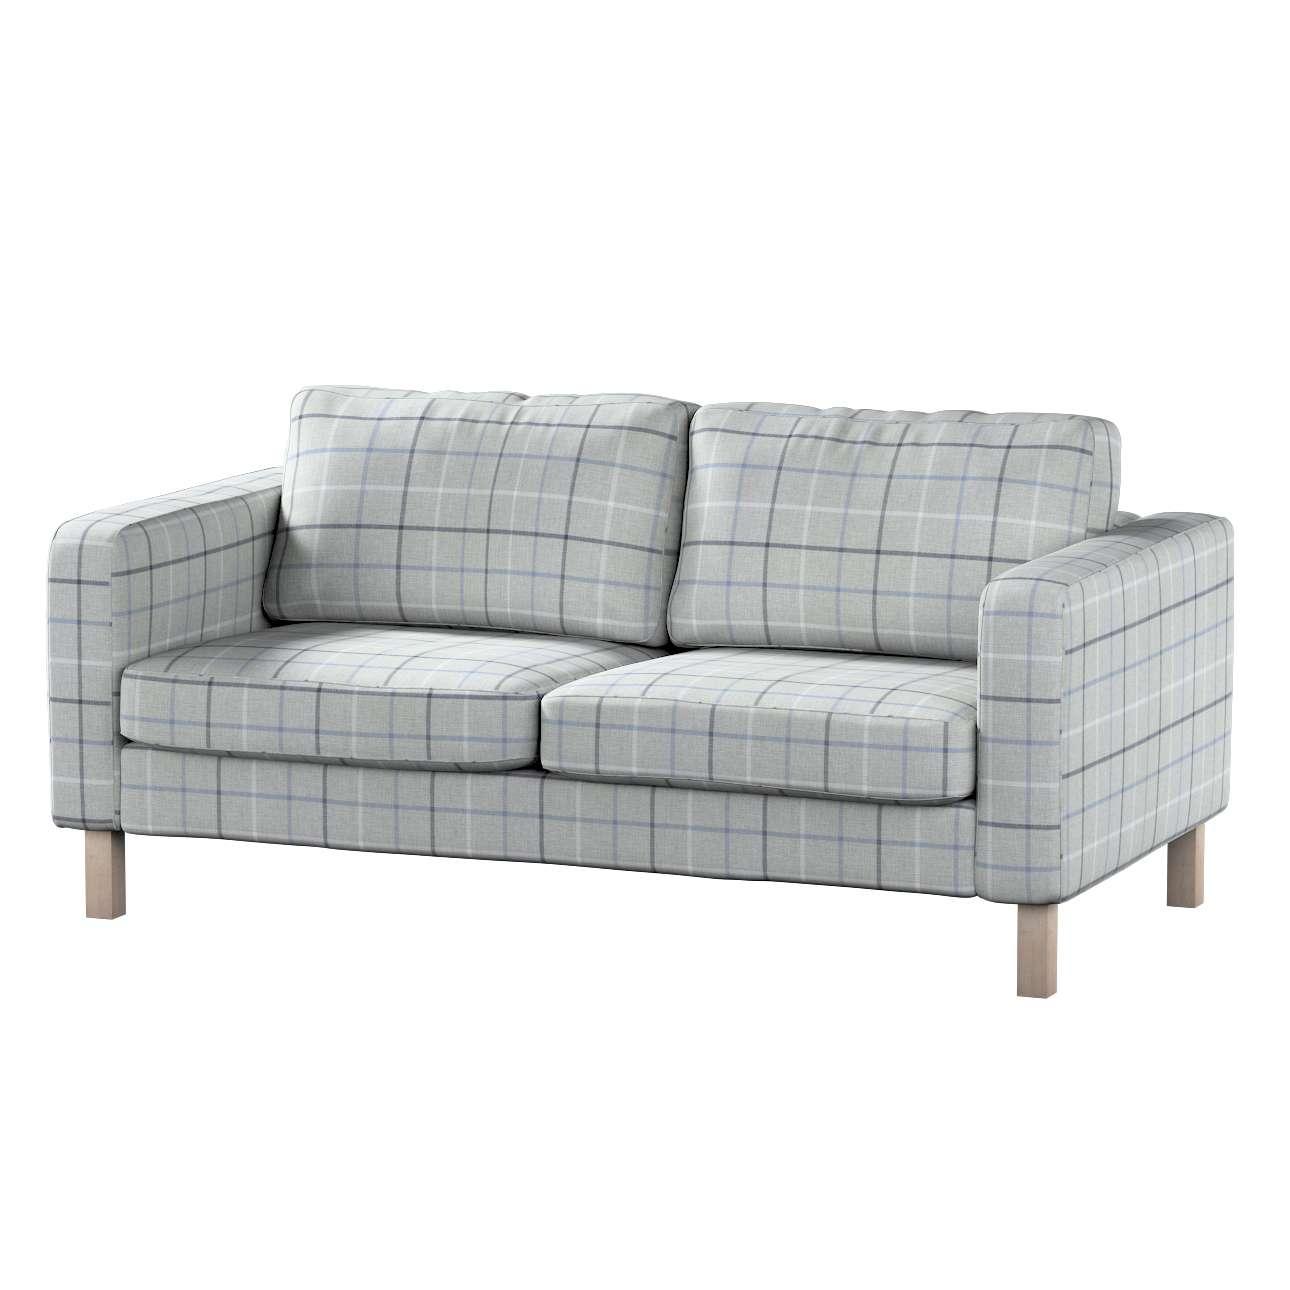 Potah na pohovku IKEA  Karlstad 2-místná, nerozkládací, krátký v kolekci Edinburgh, látka: 703-18